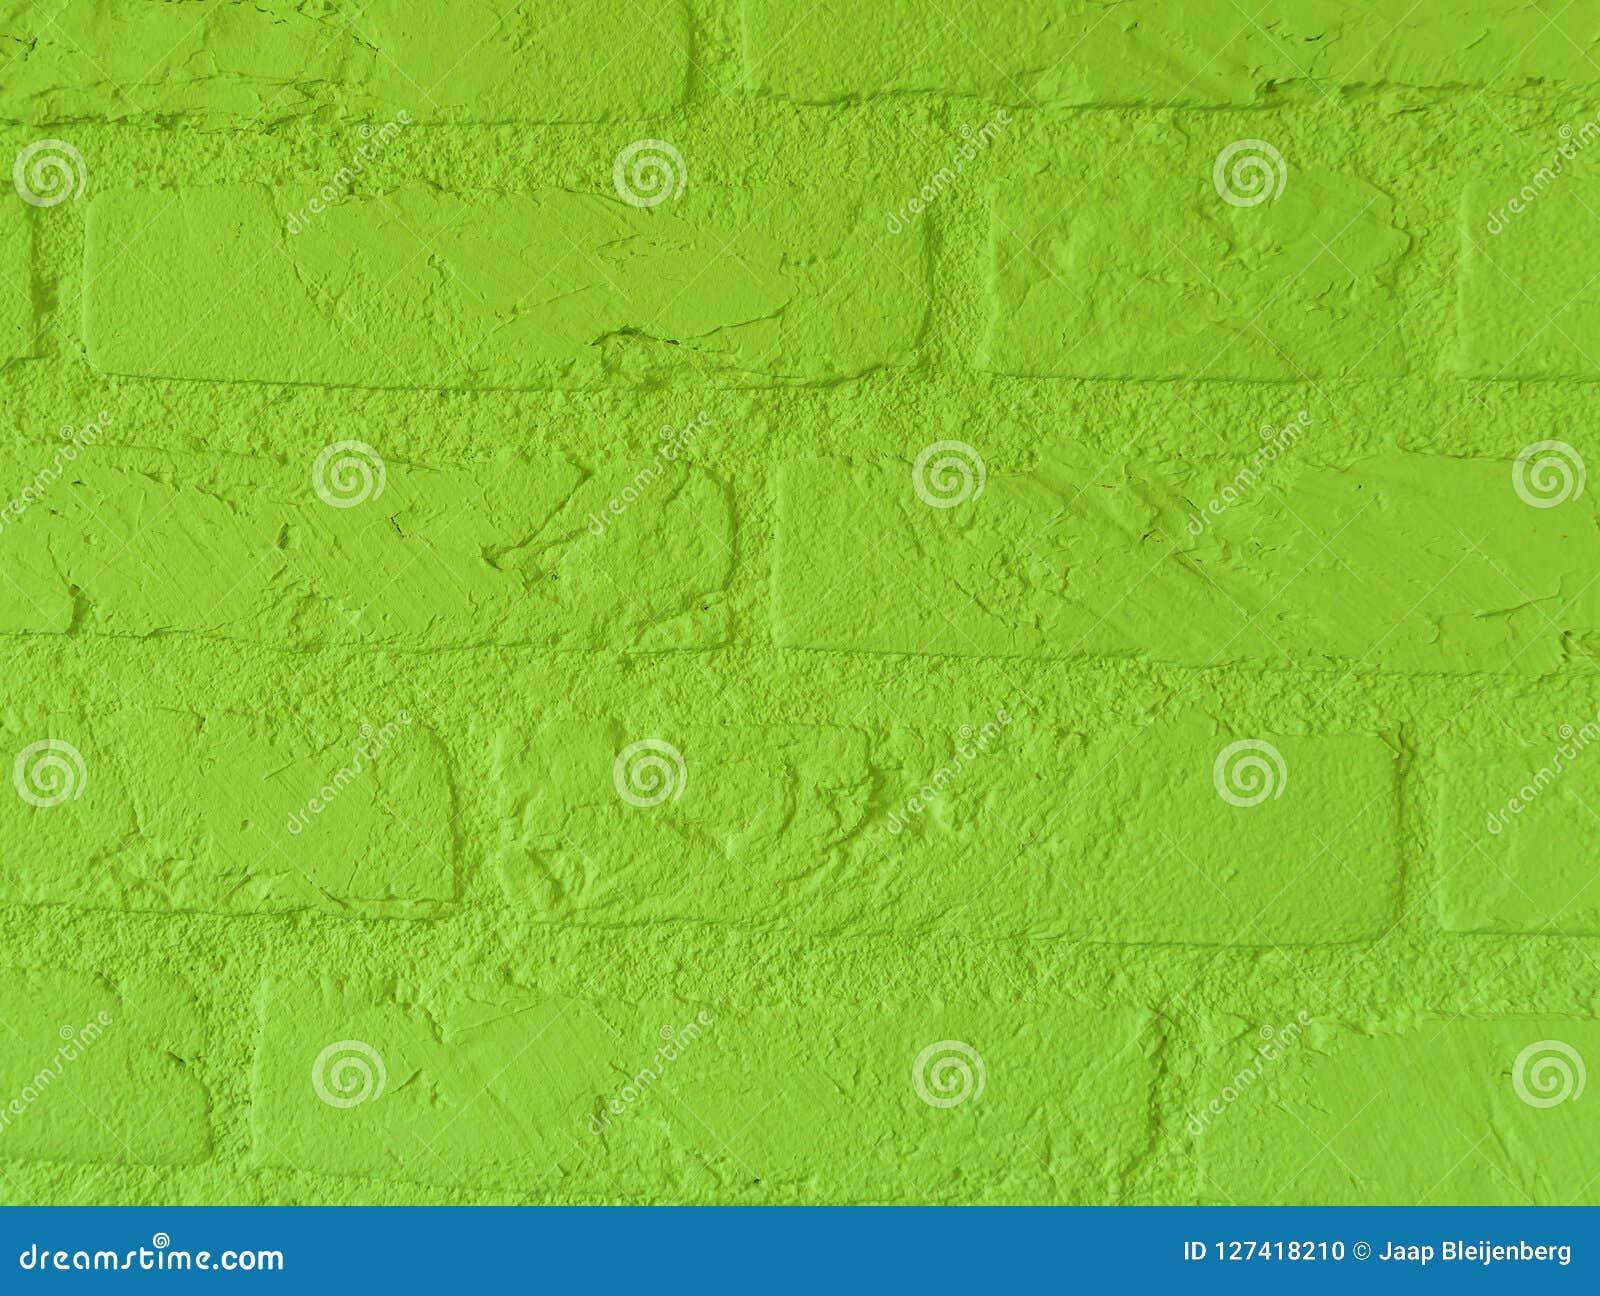 Mur de briques en pierre vert vibrant moderne de chaux avec de grandes briques étroites vers le haut du modèle de fond de cru